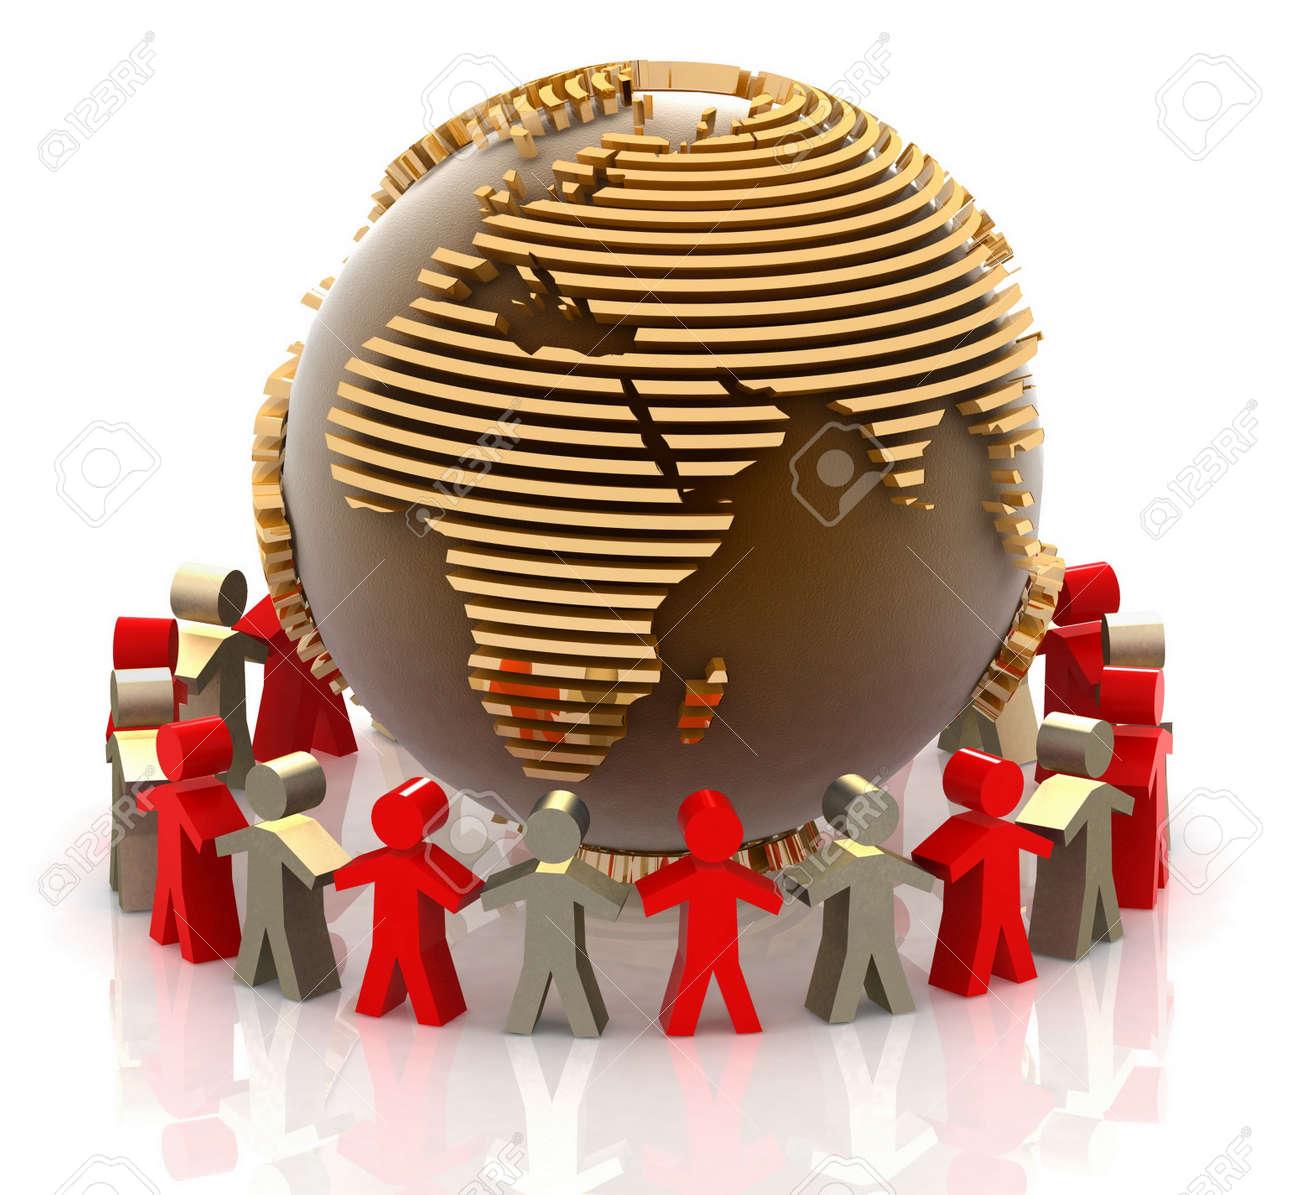 World partnership. 3d image isolated on white background. Stock Photo - 11946817